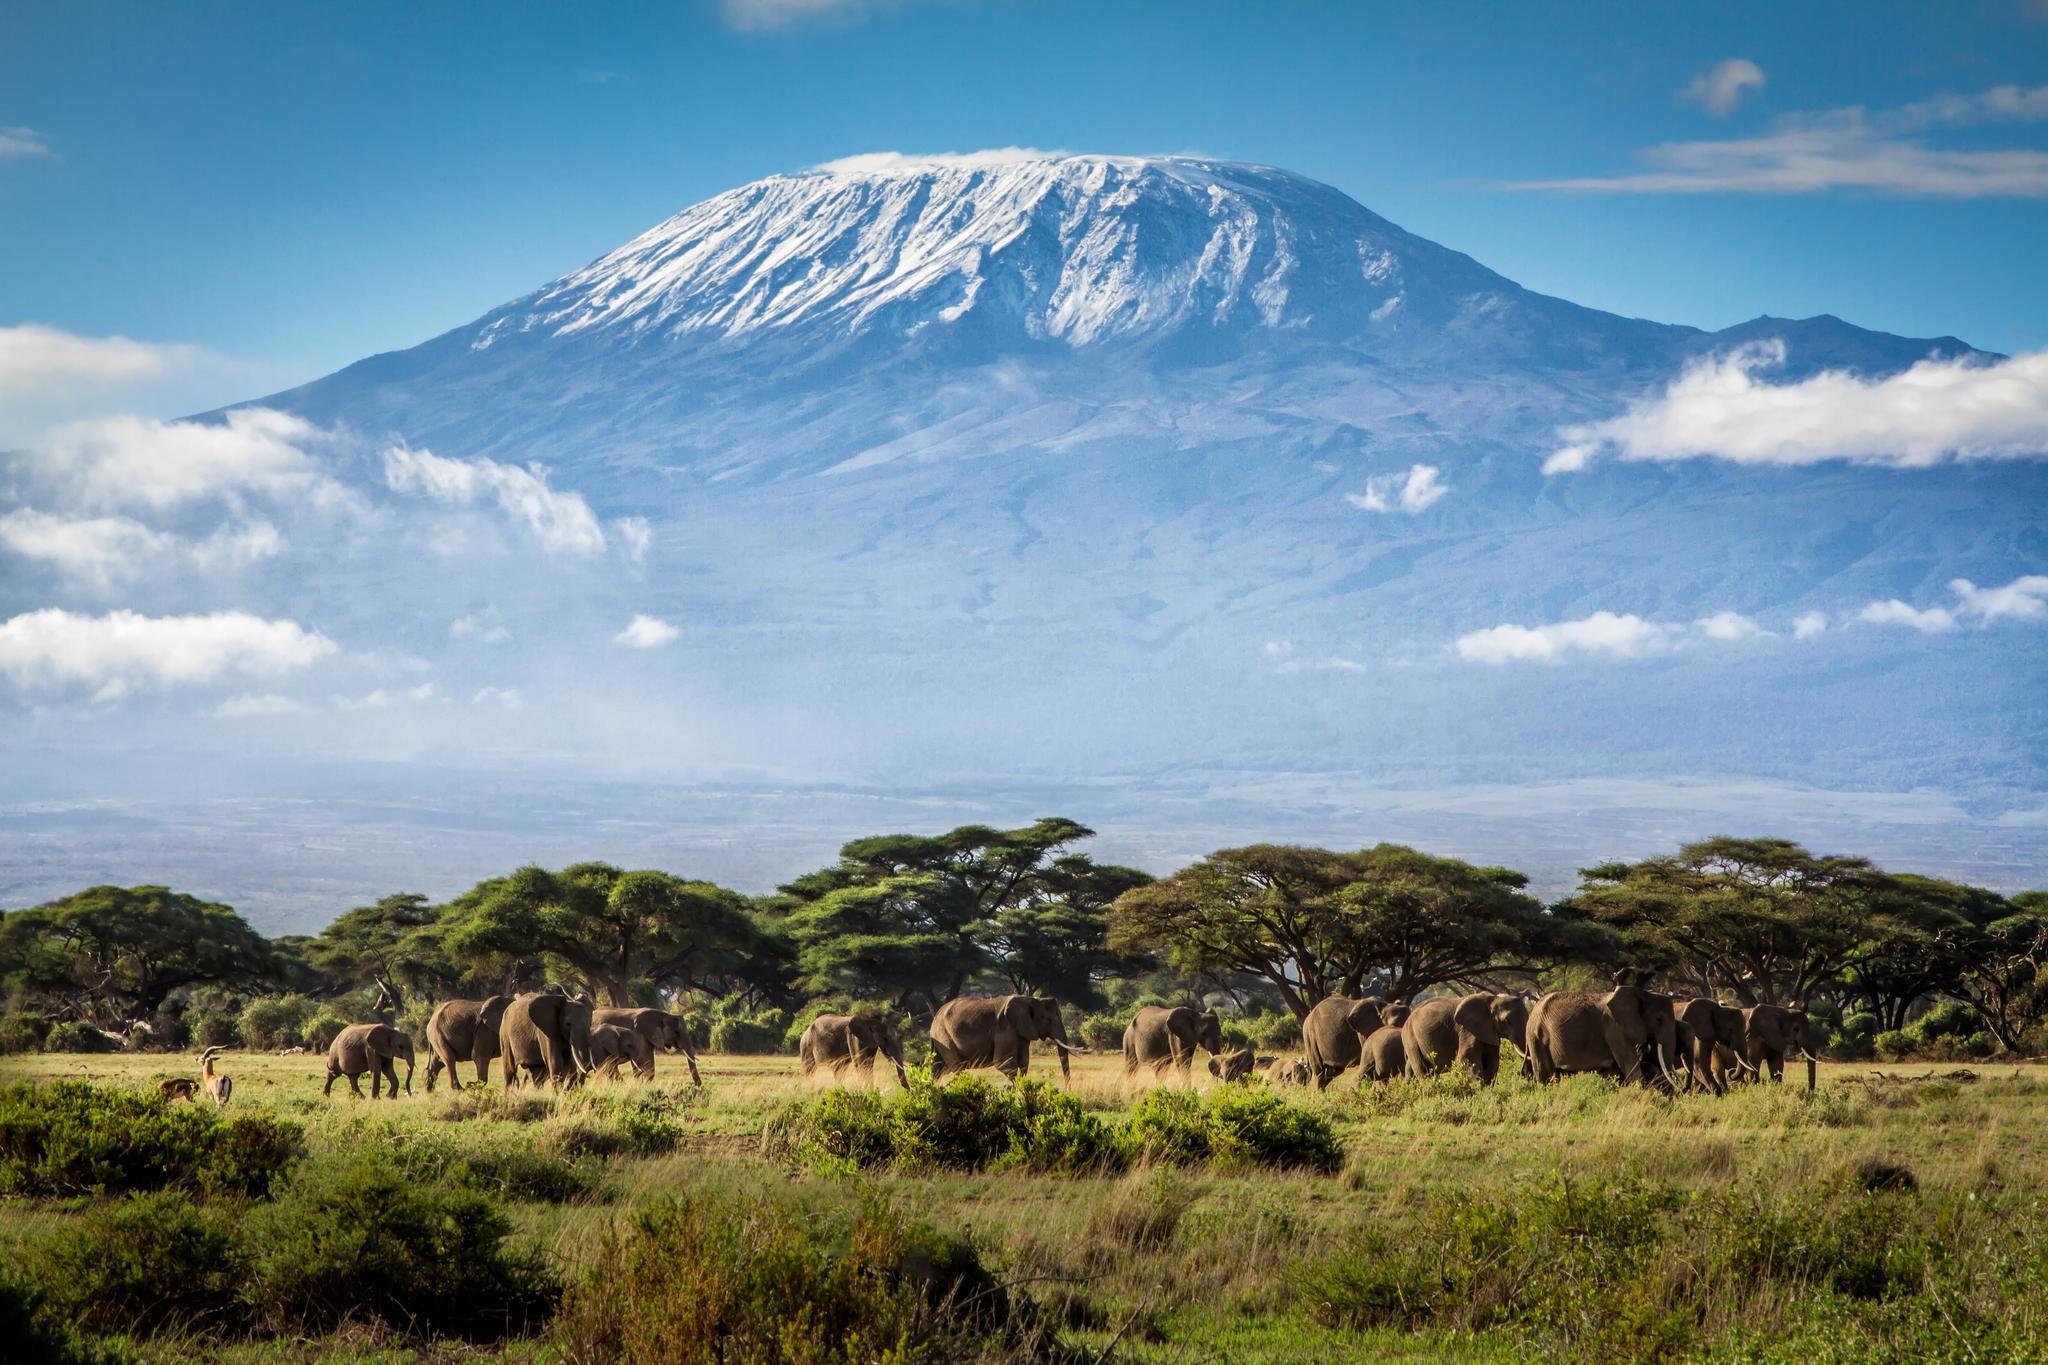 Átültetett tüdővel mászta meg a Kilimandzsárót két magyar